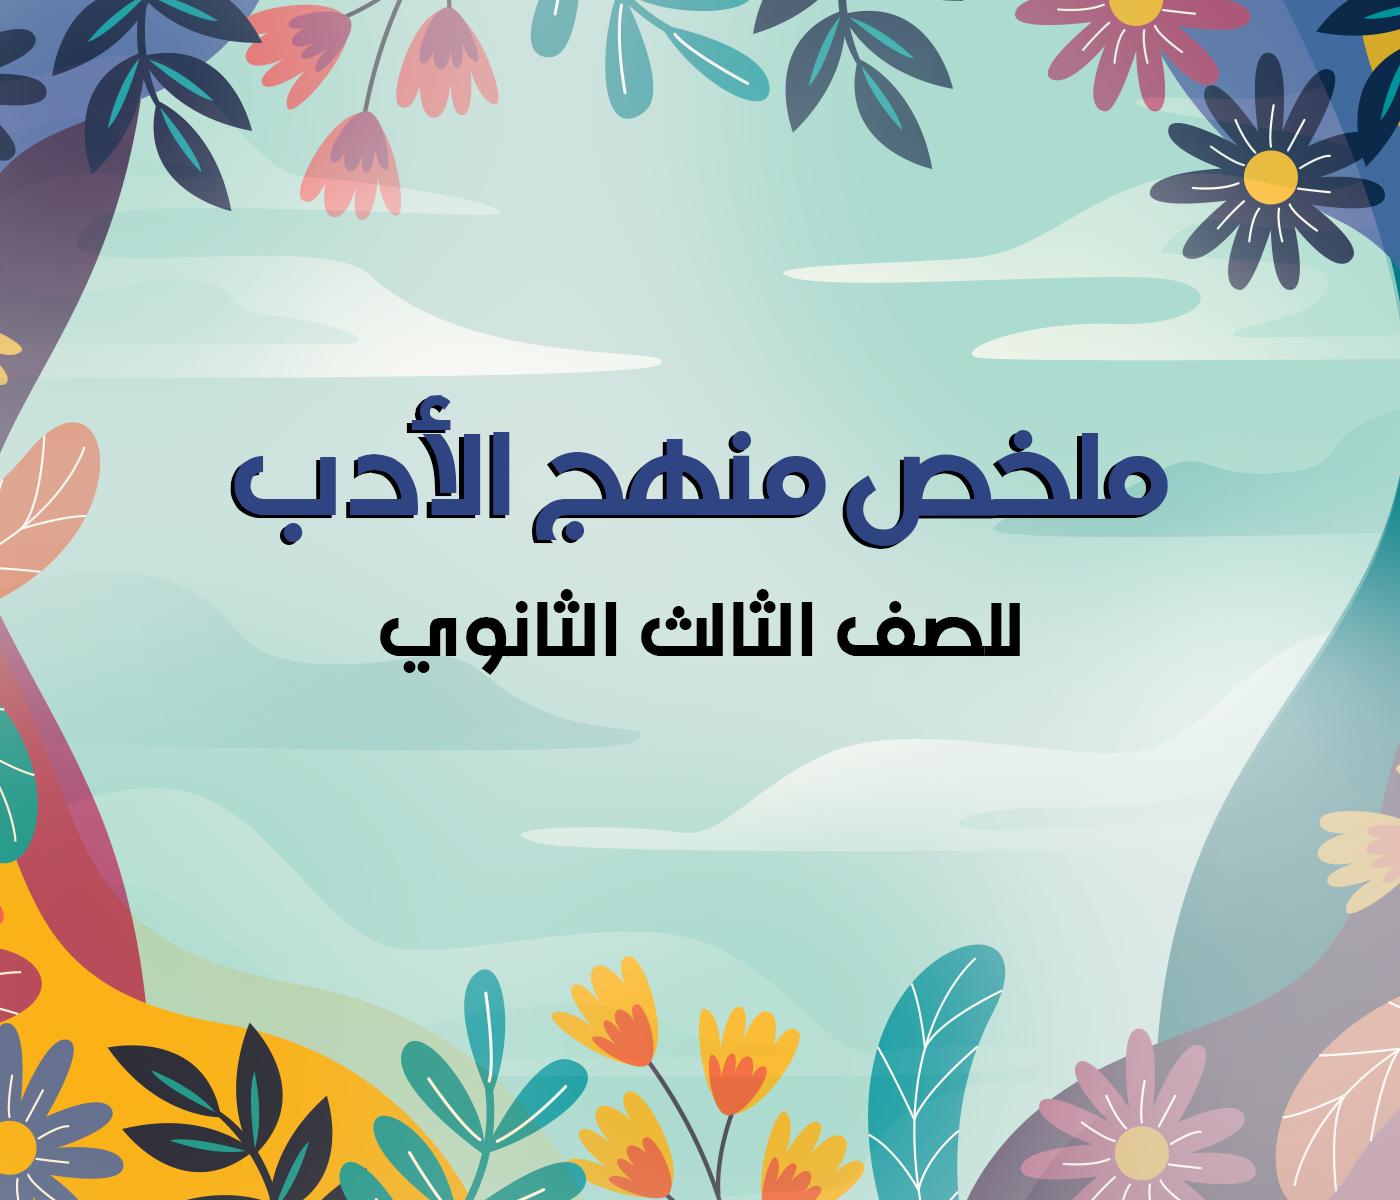 اقوى مراجعة نهائية لغة عربية( أدب)من الأضواء للثانوية العامة 2021